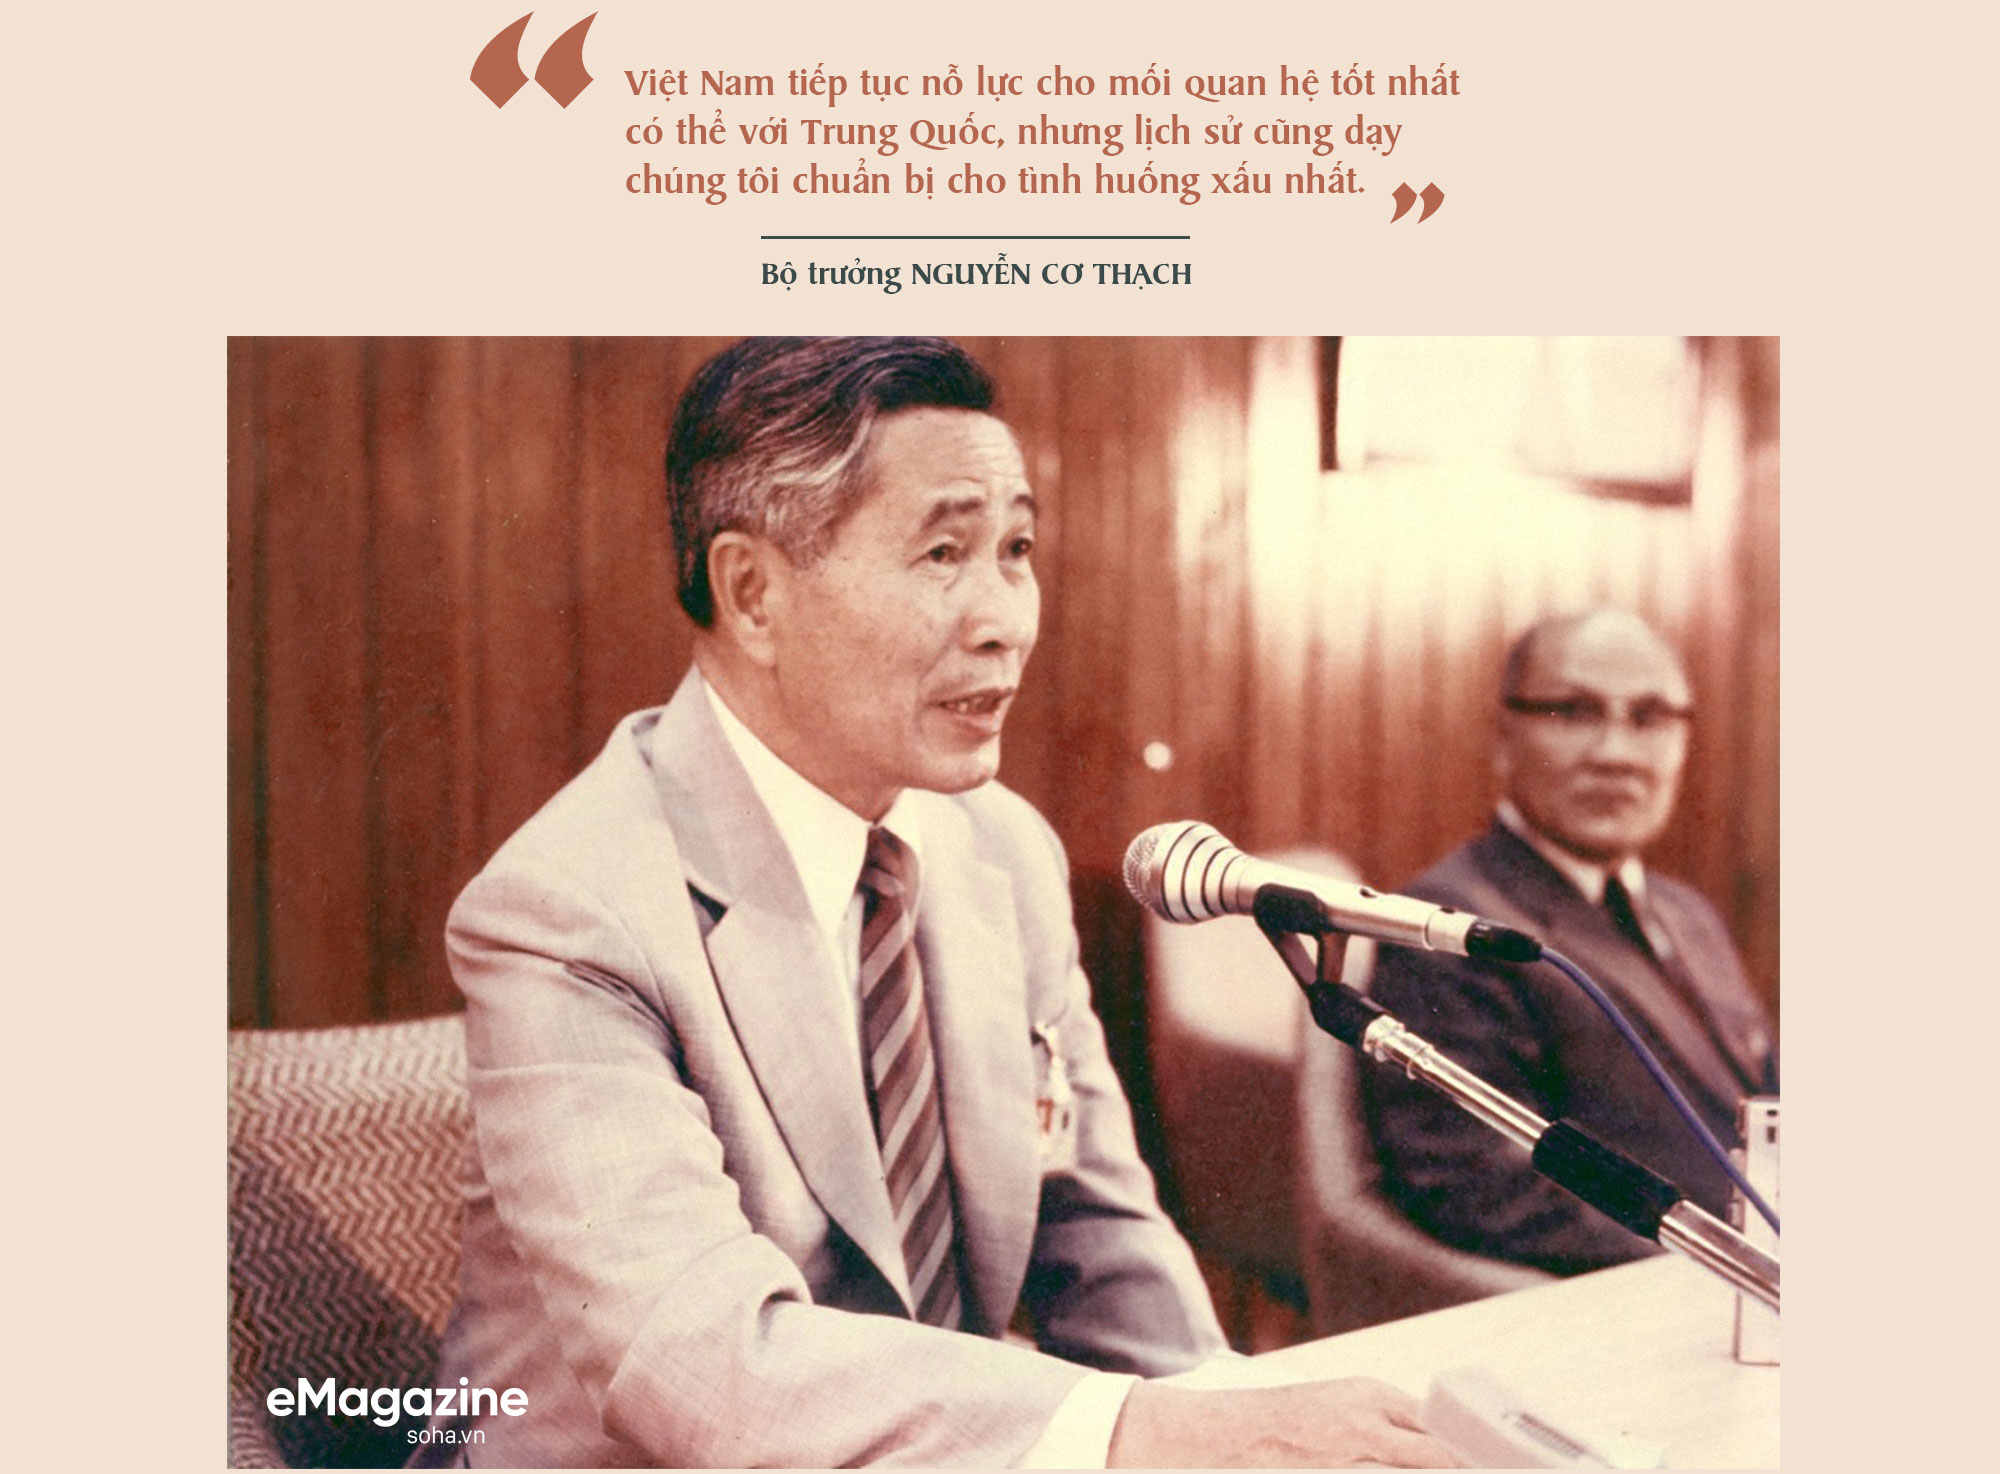 Bộ Âu phục đi mượn của ông Nguyễn Cơ Thạch và cuộc phỏng vấn sau màn thoát hiểm trước đạn pháo Trung Quốc - Ảnh 7.